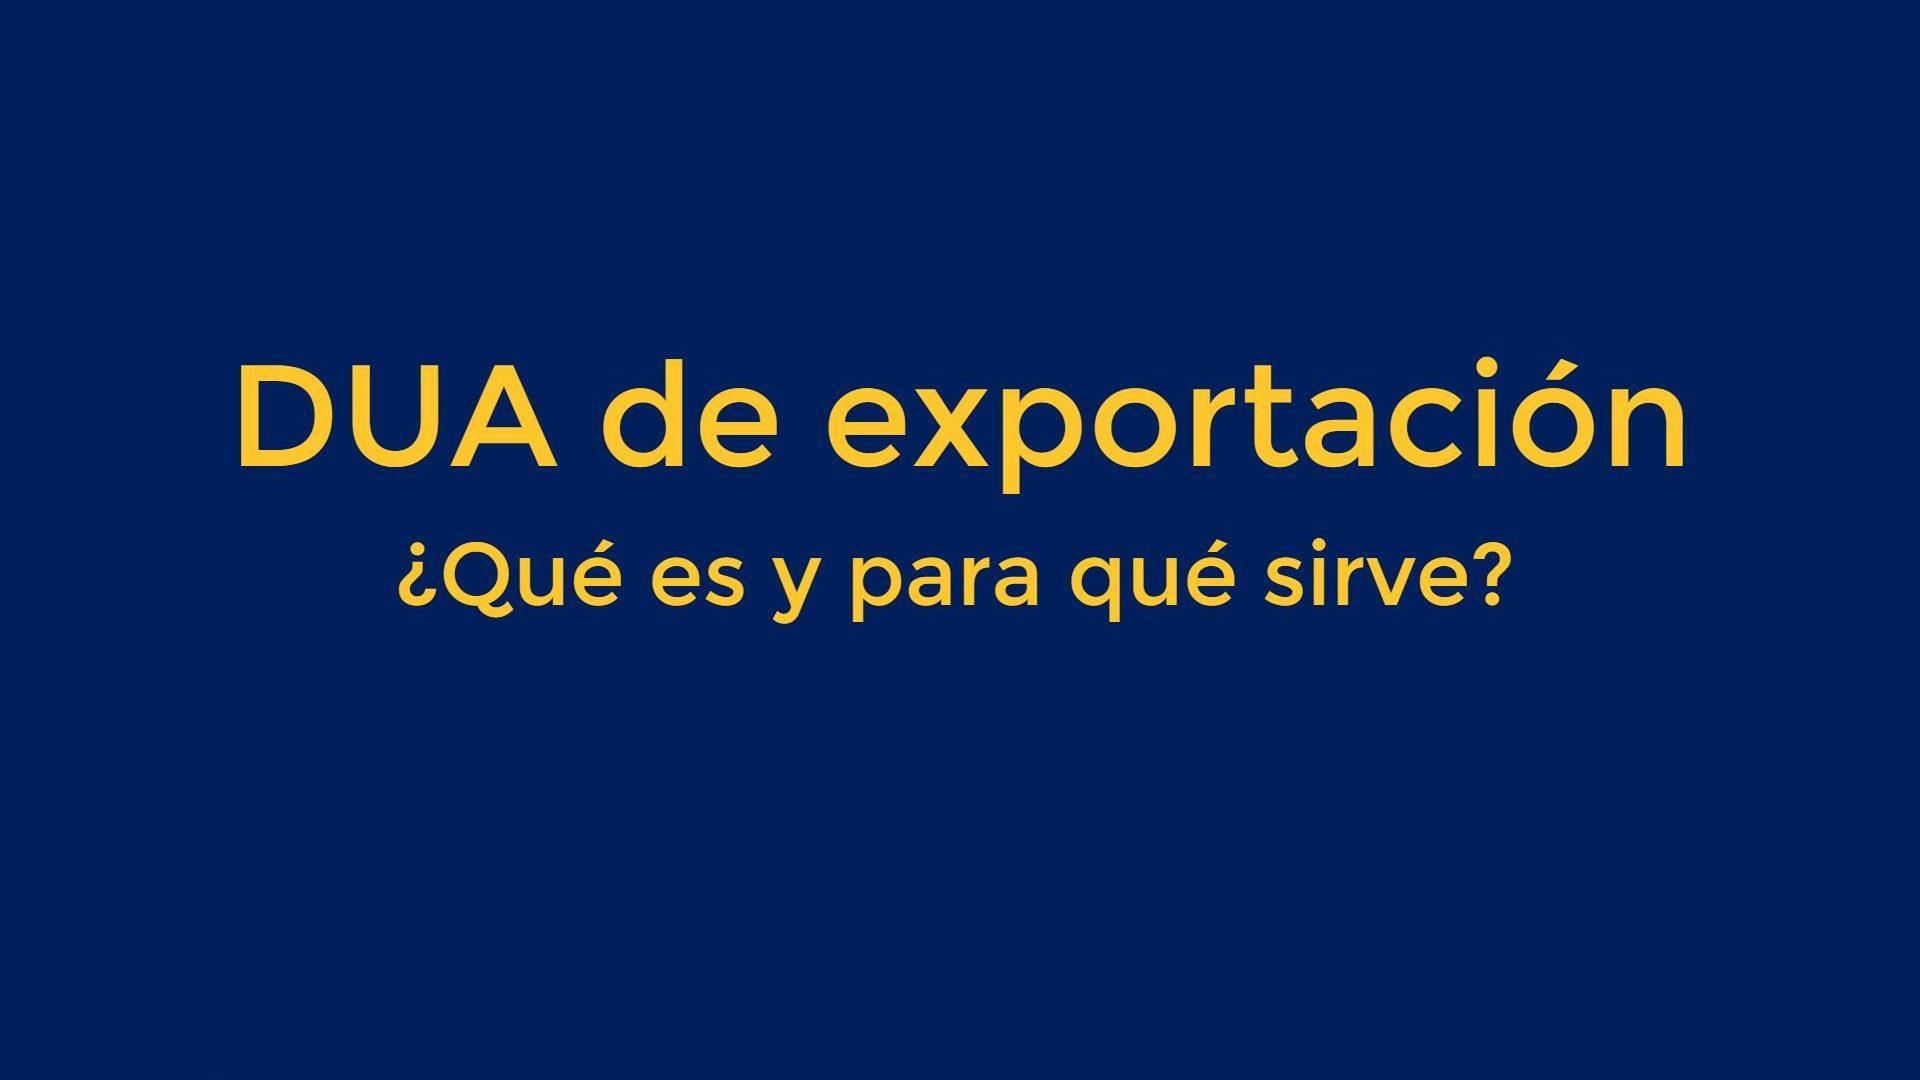 DUA de exportación